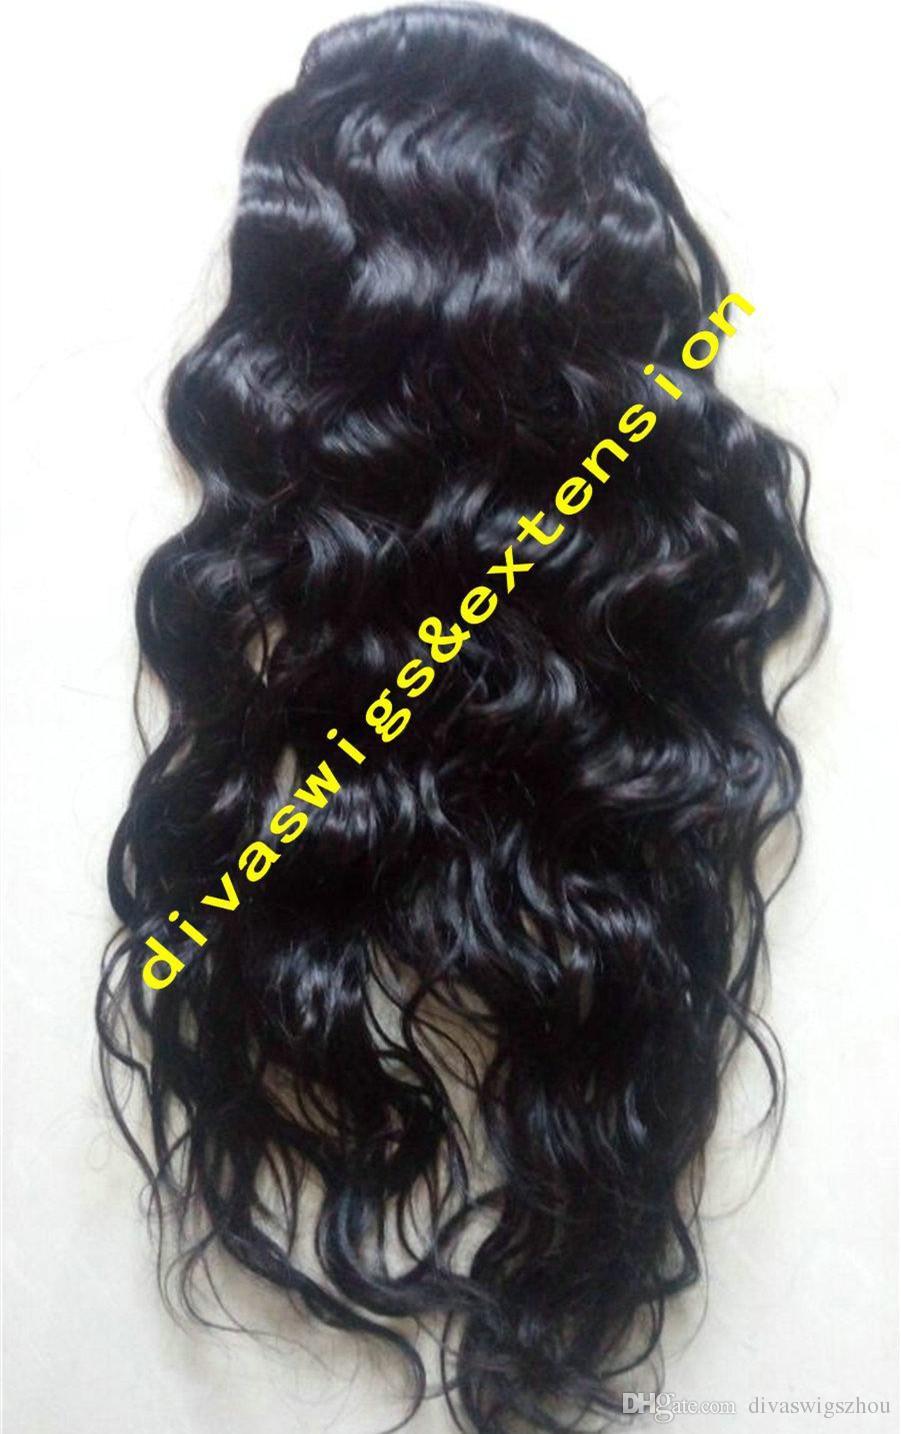 Рианна мокрые и волнистые хвостик шиньон клип в бразильских девственных волос шнурок хвост расширение с черный шнурок 1B 140g 18 дюймов